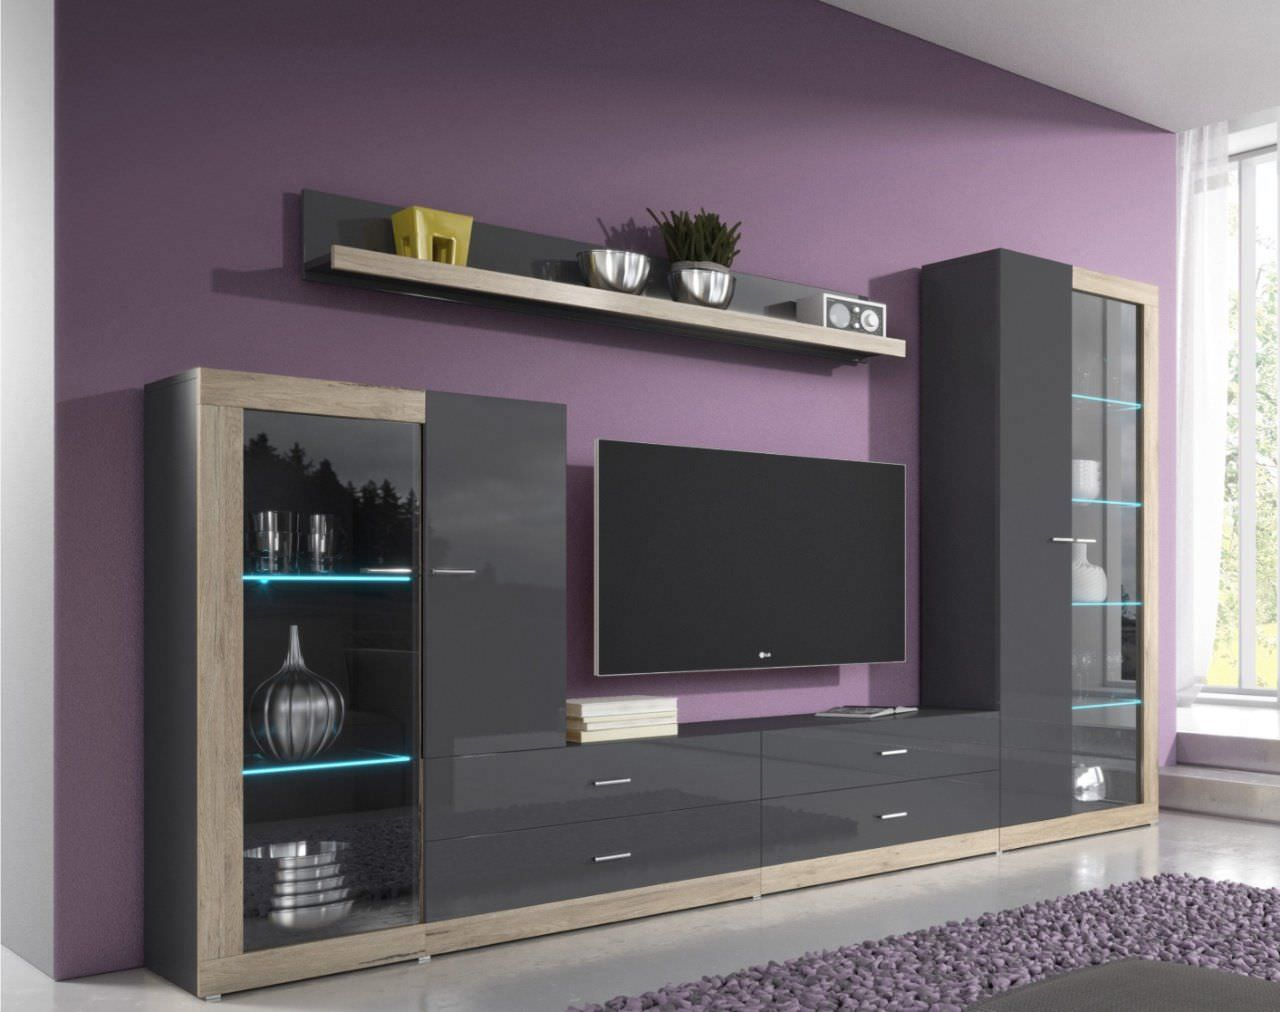 Kệ tivi kết hợp tủ rượu gỗ công nghiệp sơn màu đen hiện đại